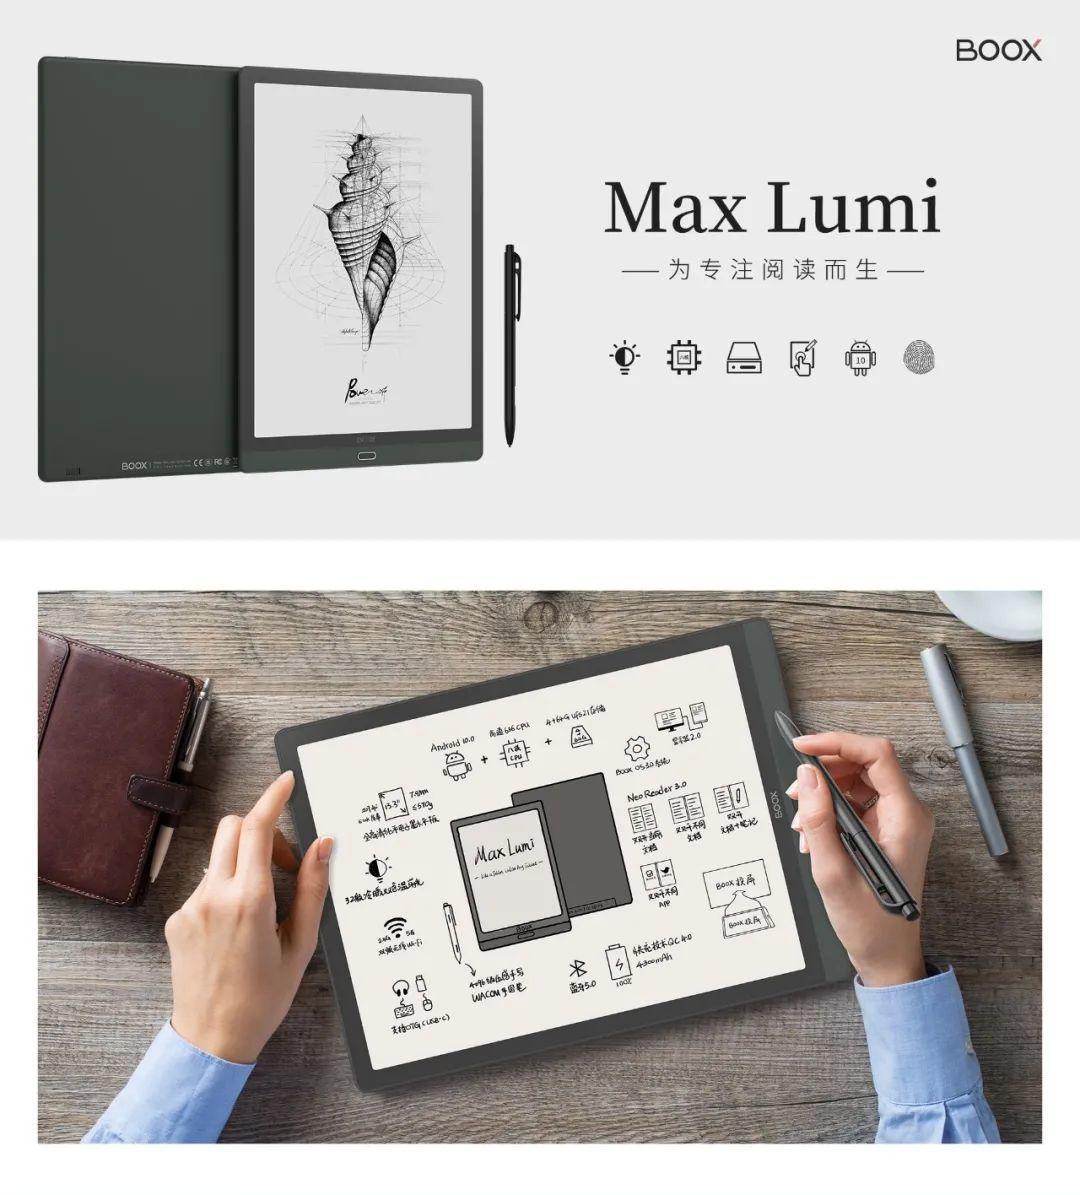 新品BOOX Max Lumi是款什么样的产品?多张图让你看到所有亮点!